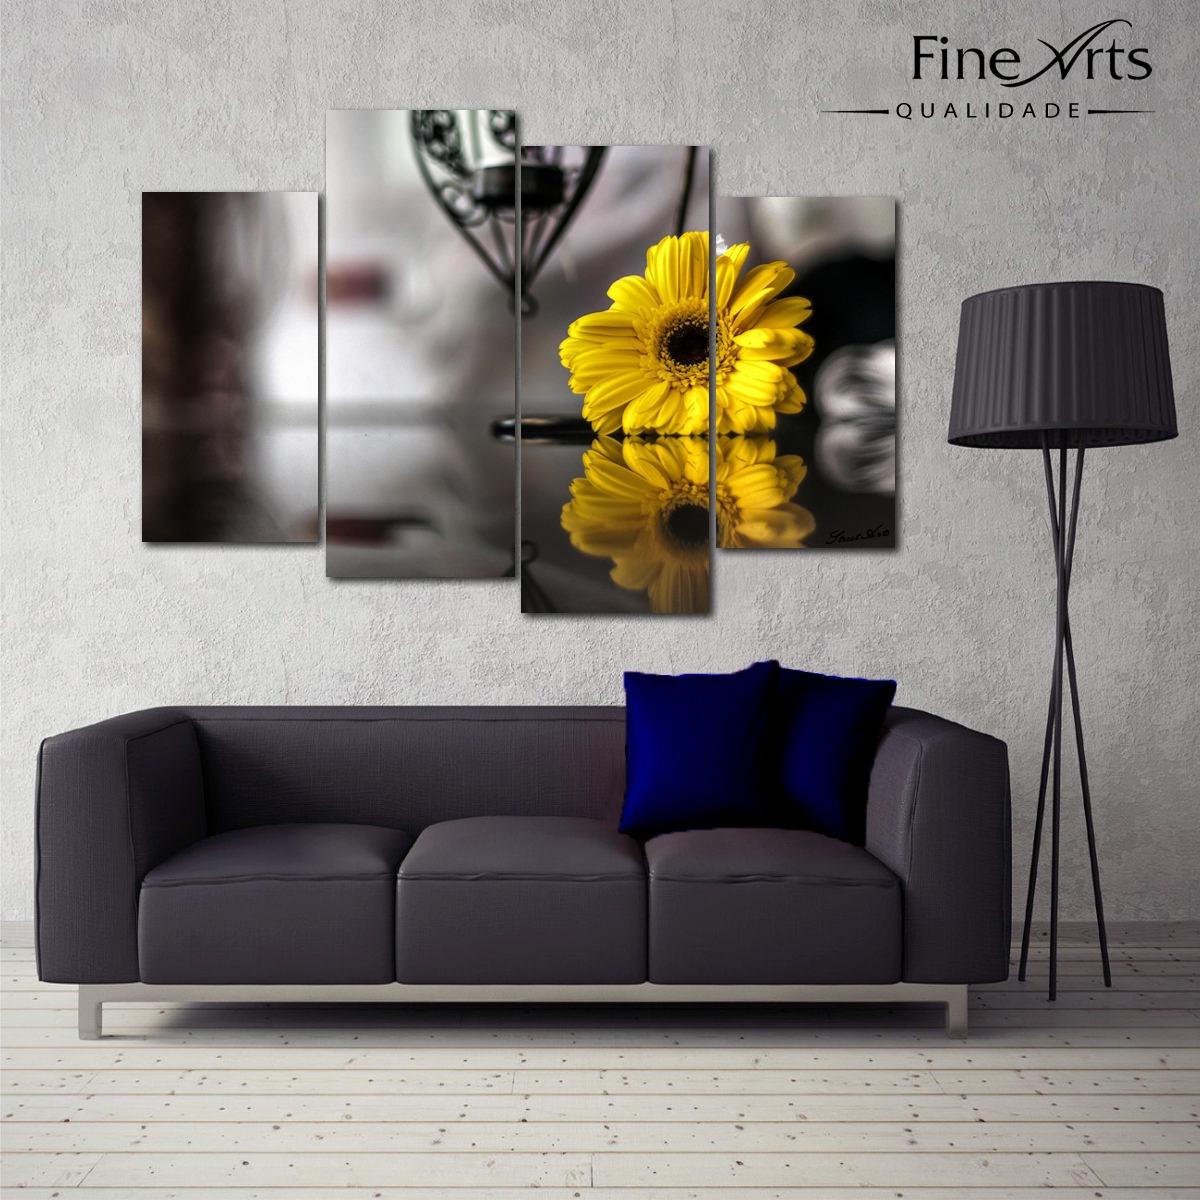 e6b6e0ffd Super Promoção Telas, Quadros Decorativos Flores Sala - R$ 299,90 em ...